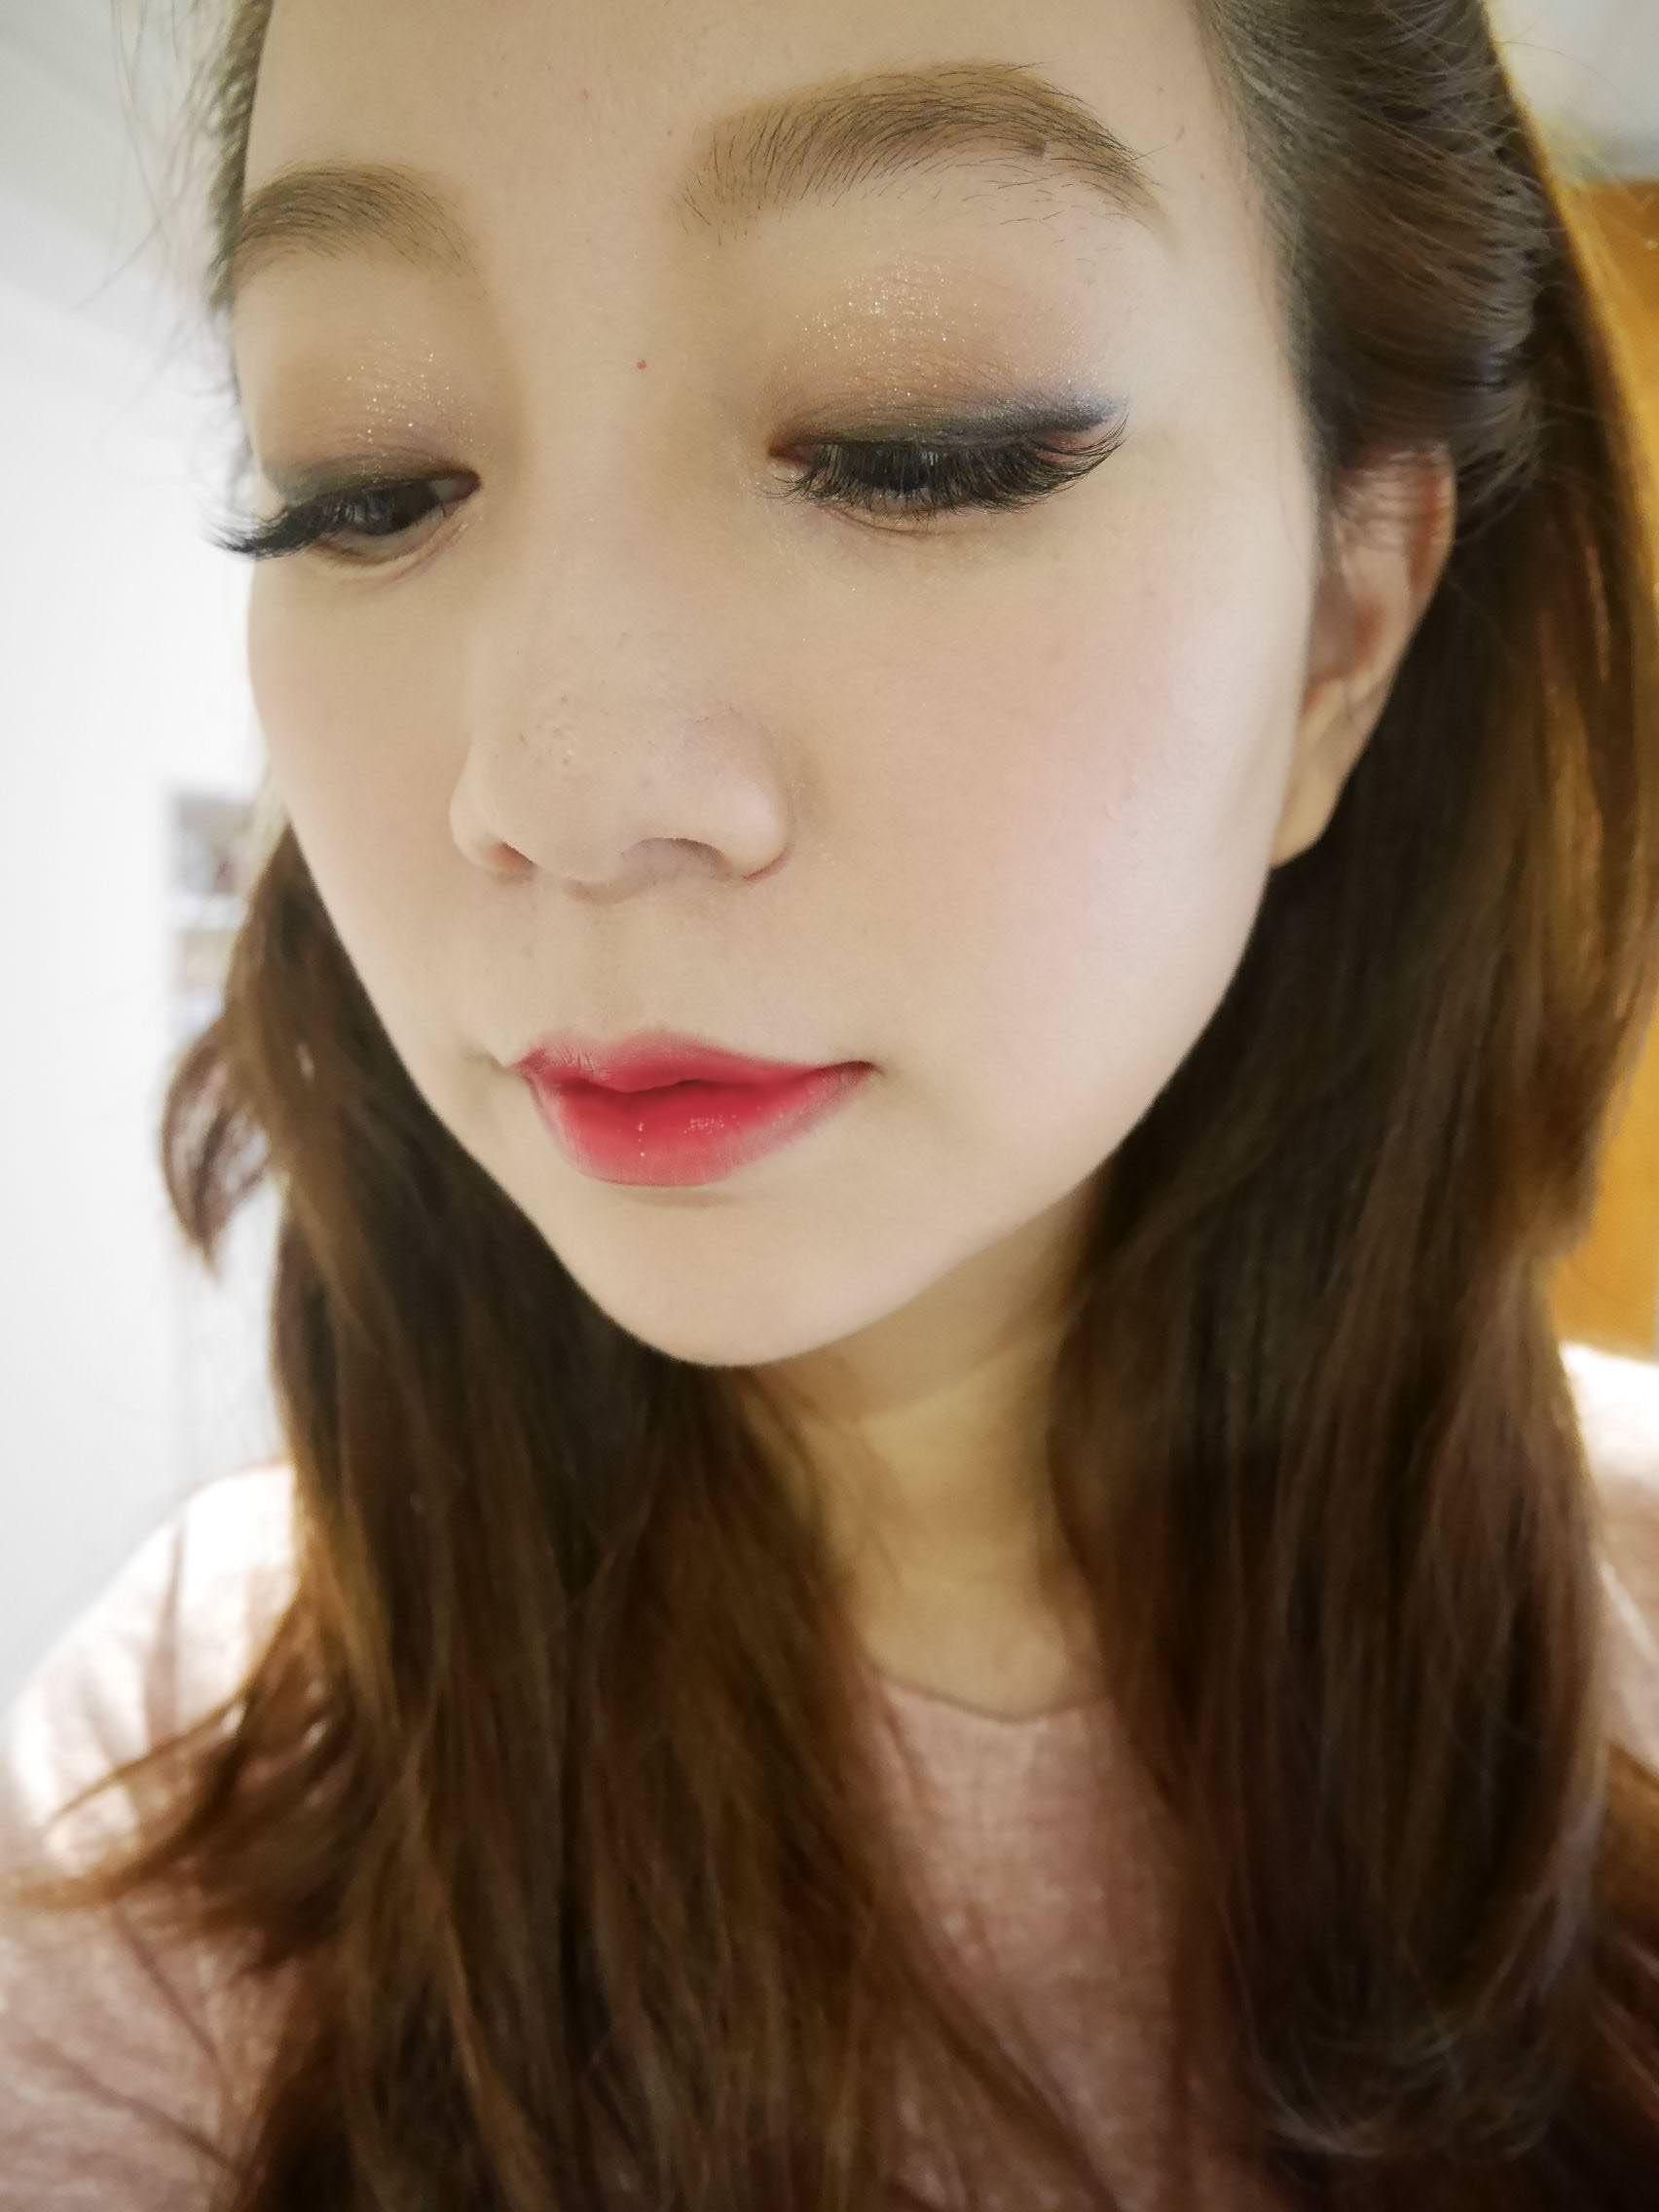 三款輕鬆上手的搶眼紅唇妝♥「資生堂東京MAQuillAGE心機彩粧」♥讓妳成為派對女王(≧∀≦)開獎啦!!